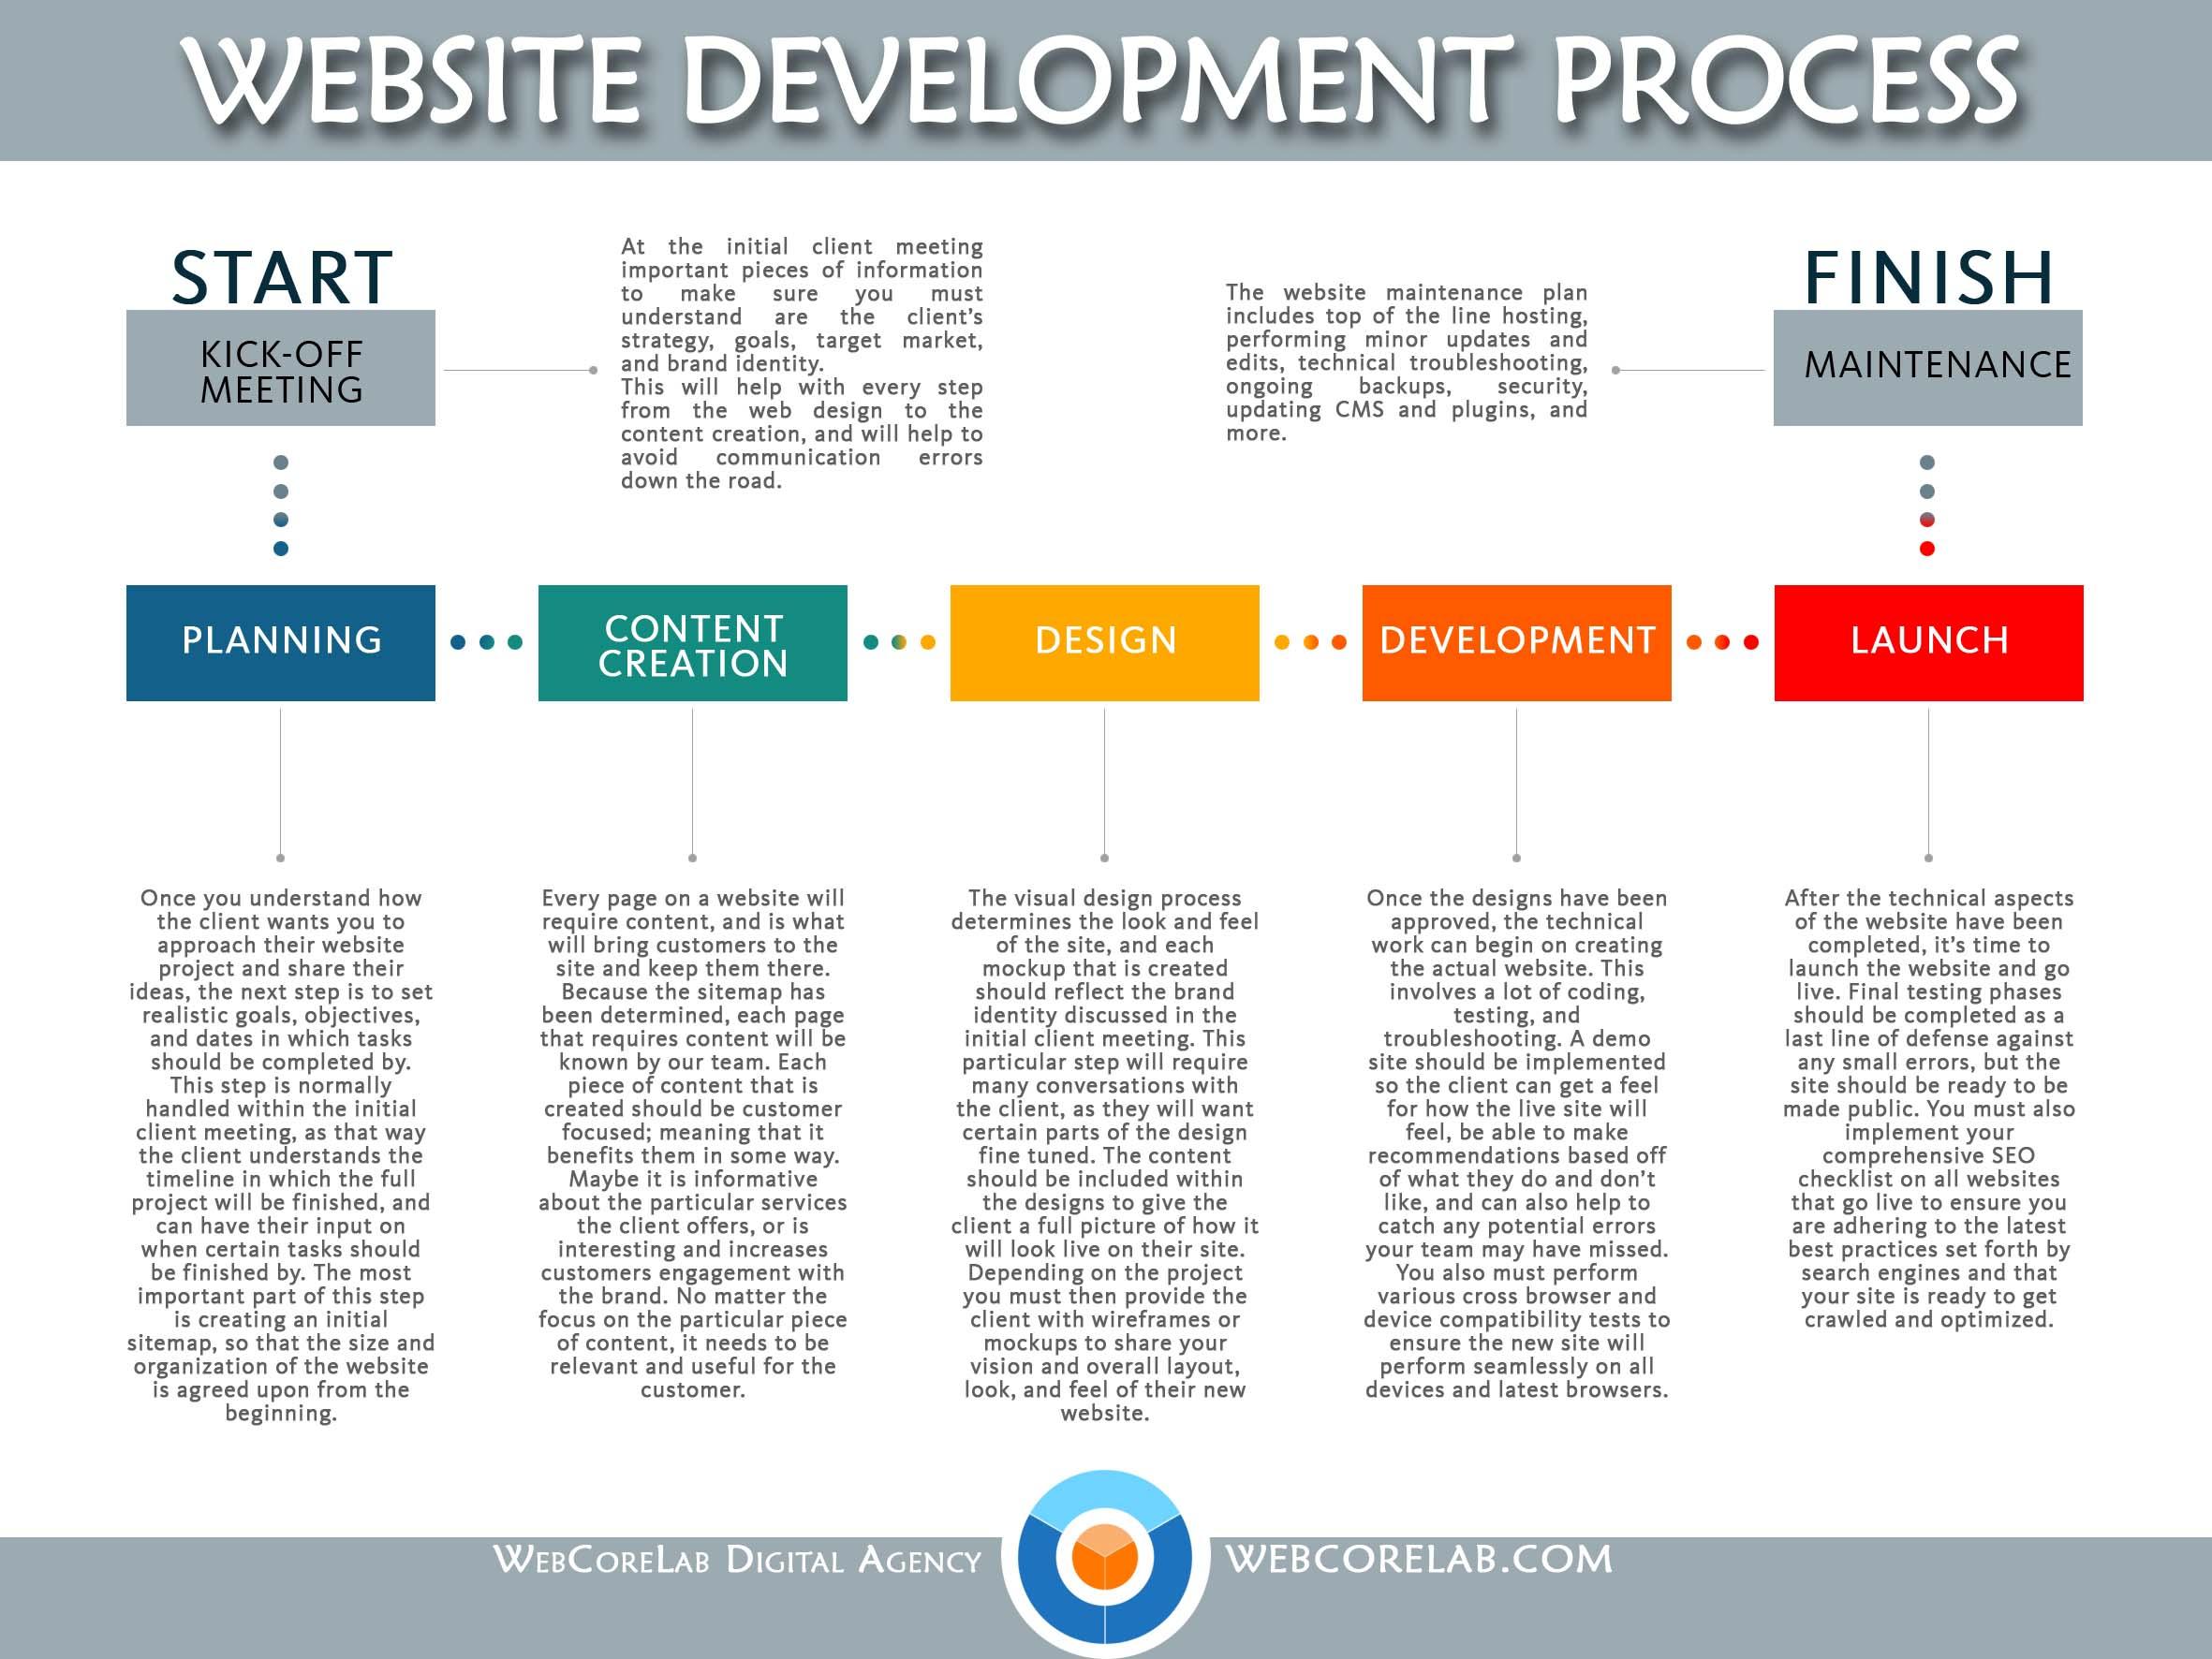 Website development process by Webcorelab digital agency